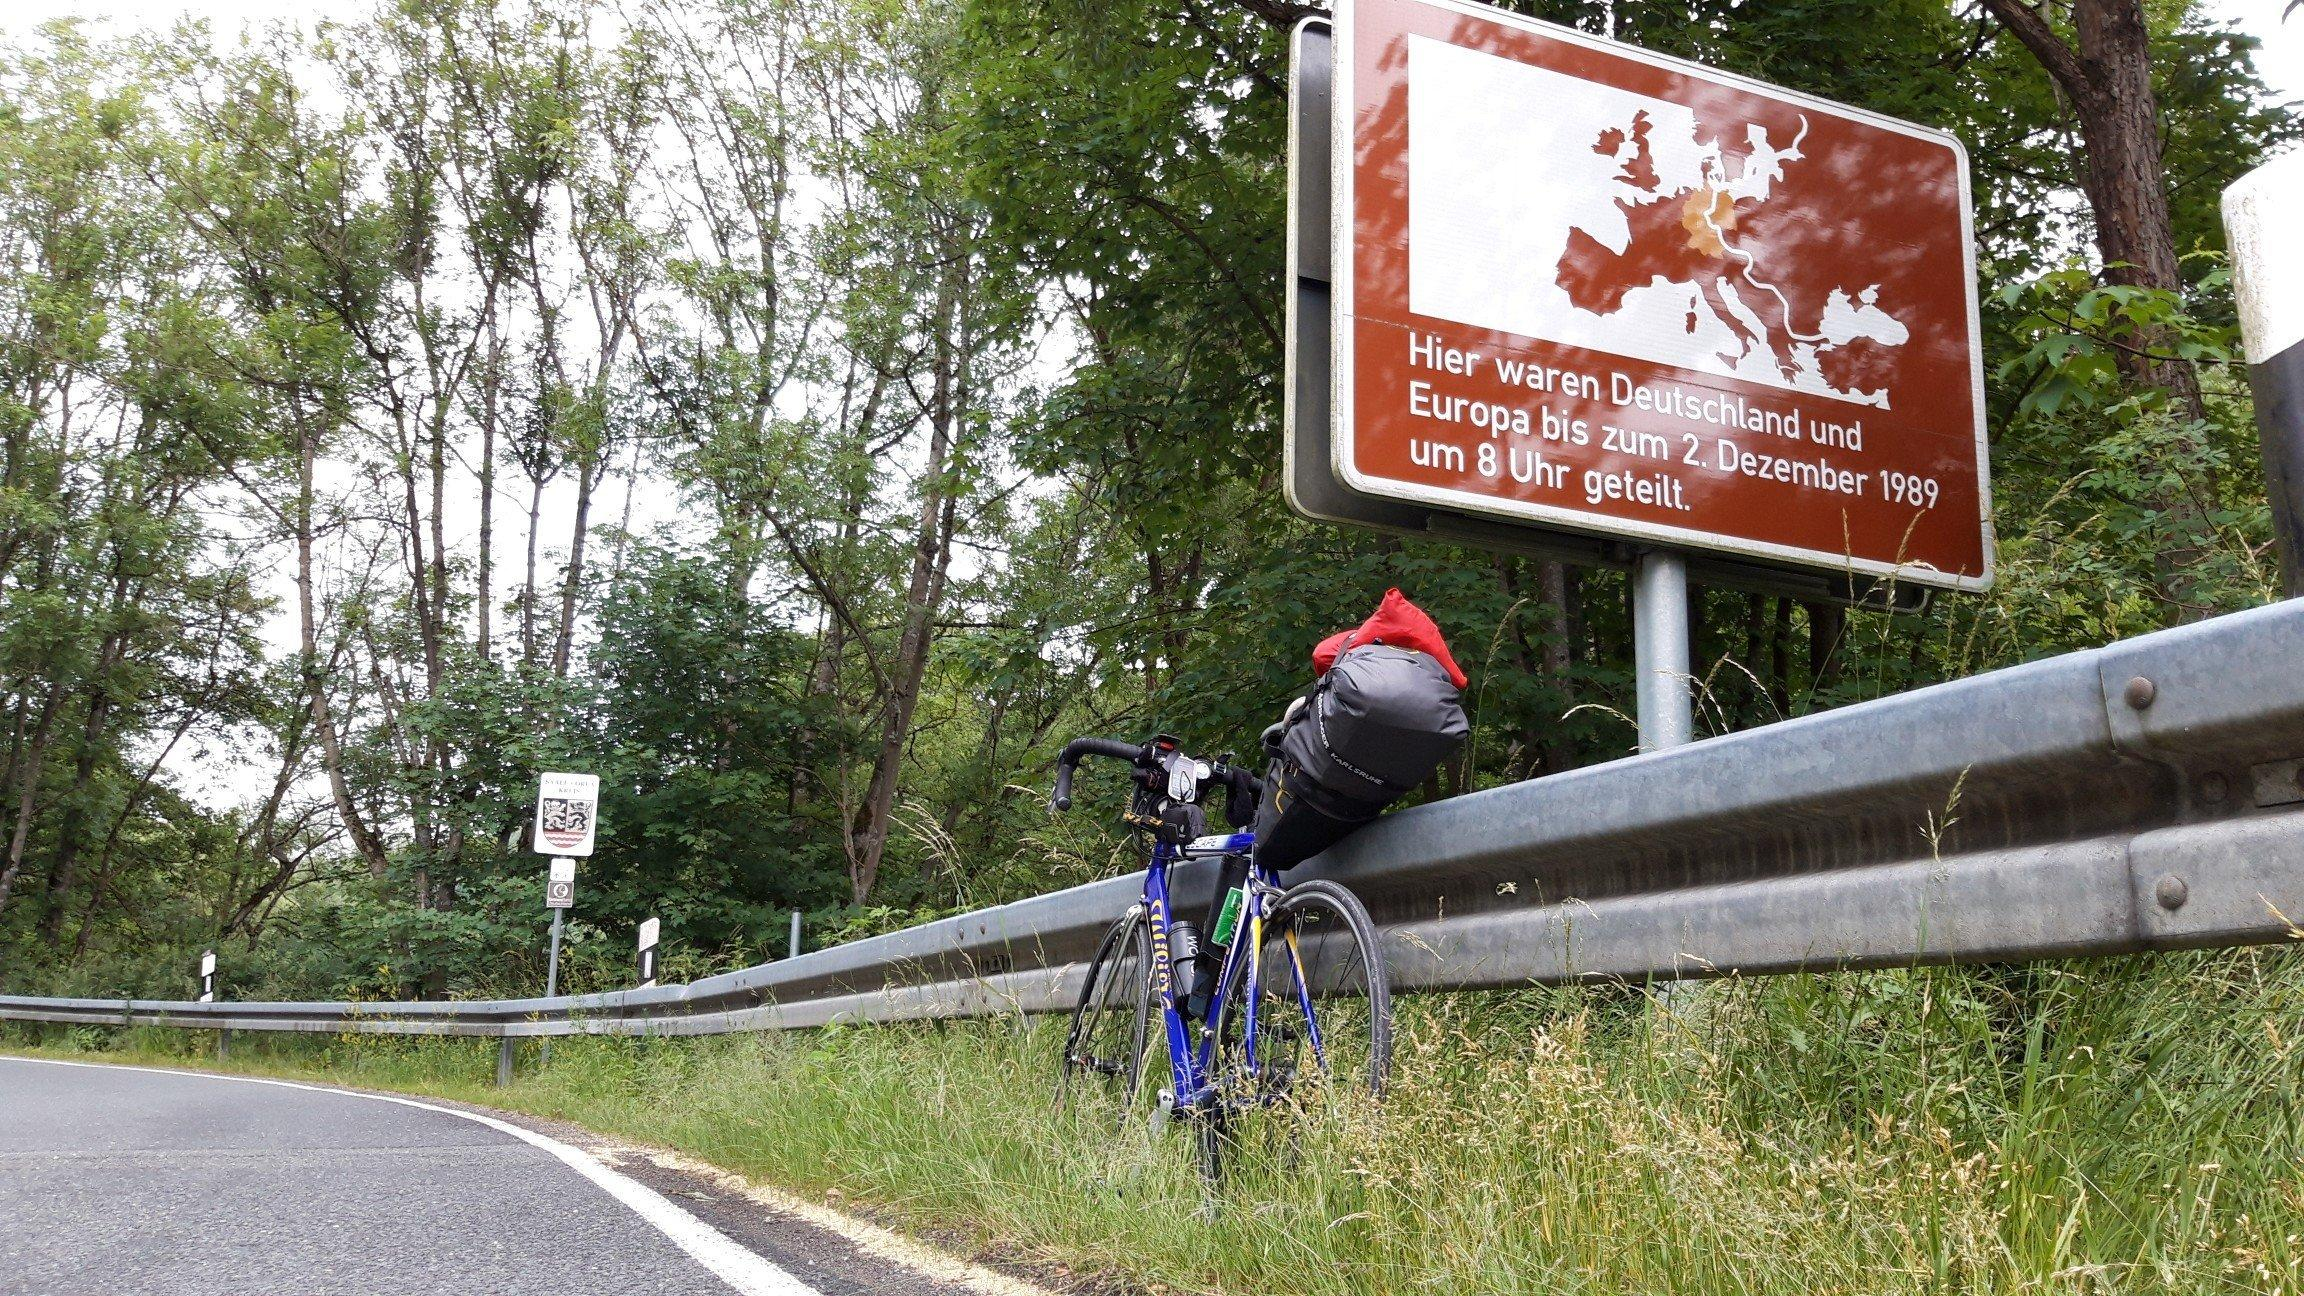 """An der Grenze zu Thüringen steht das Schild """"Hier waren Deutschland und Europa bis zum 2. Dezember 1989um 8Uhr geteilt""""."""